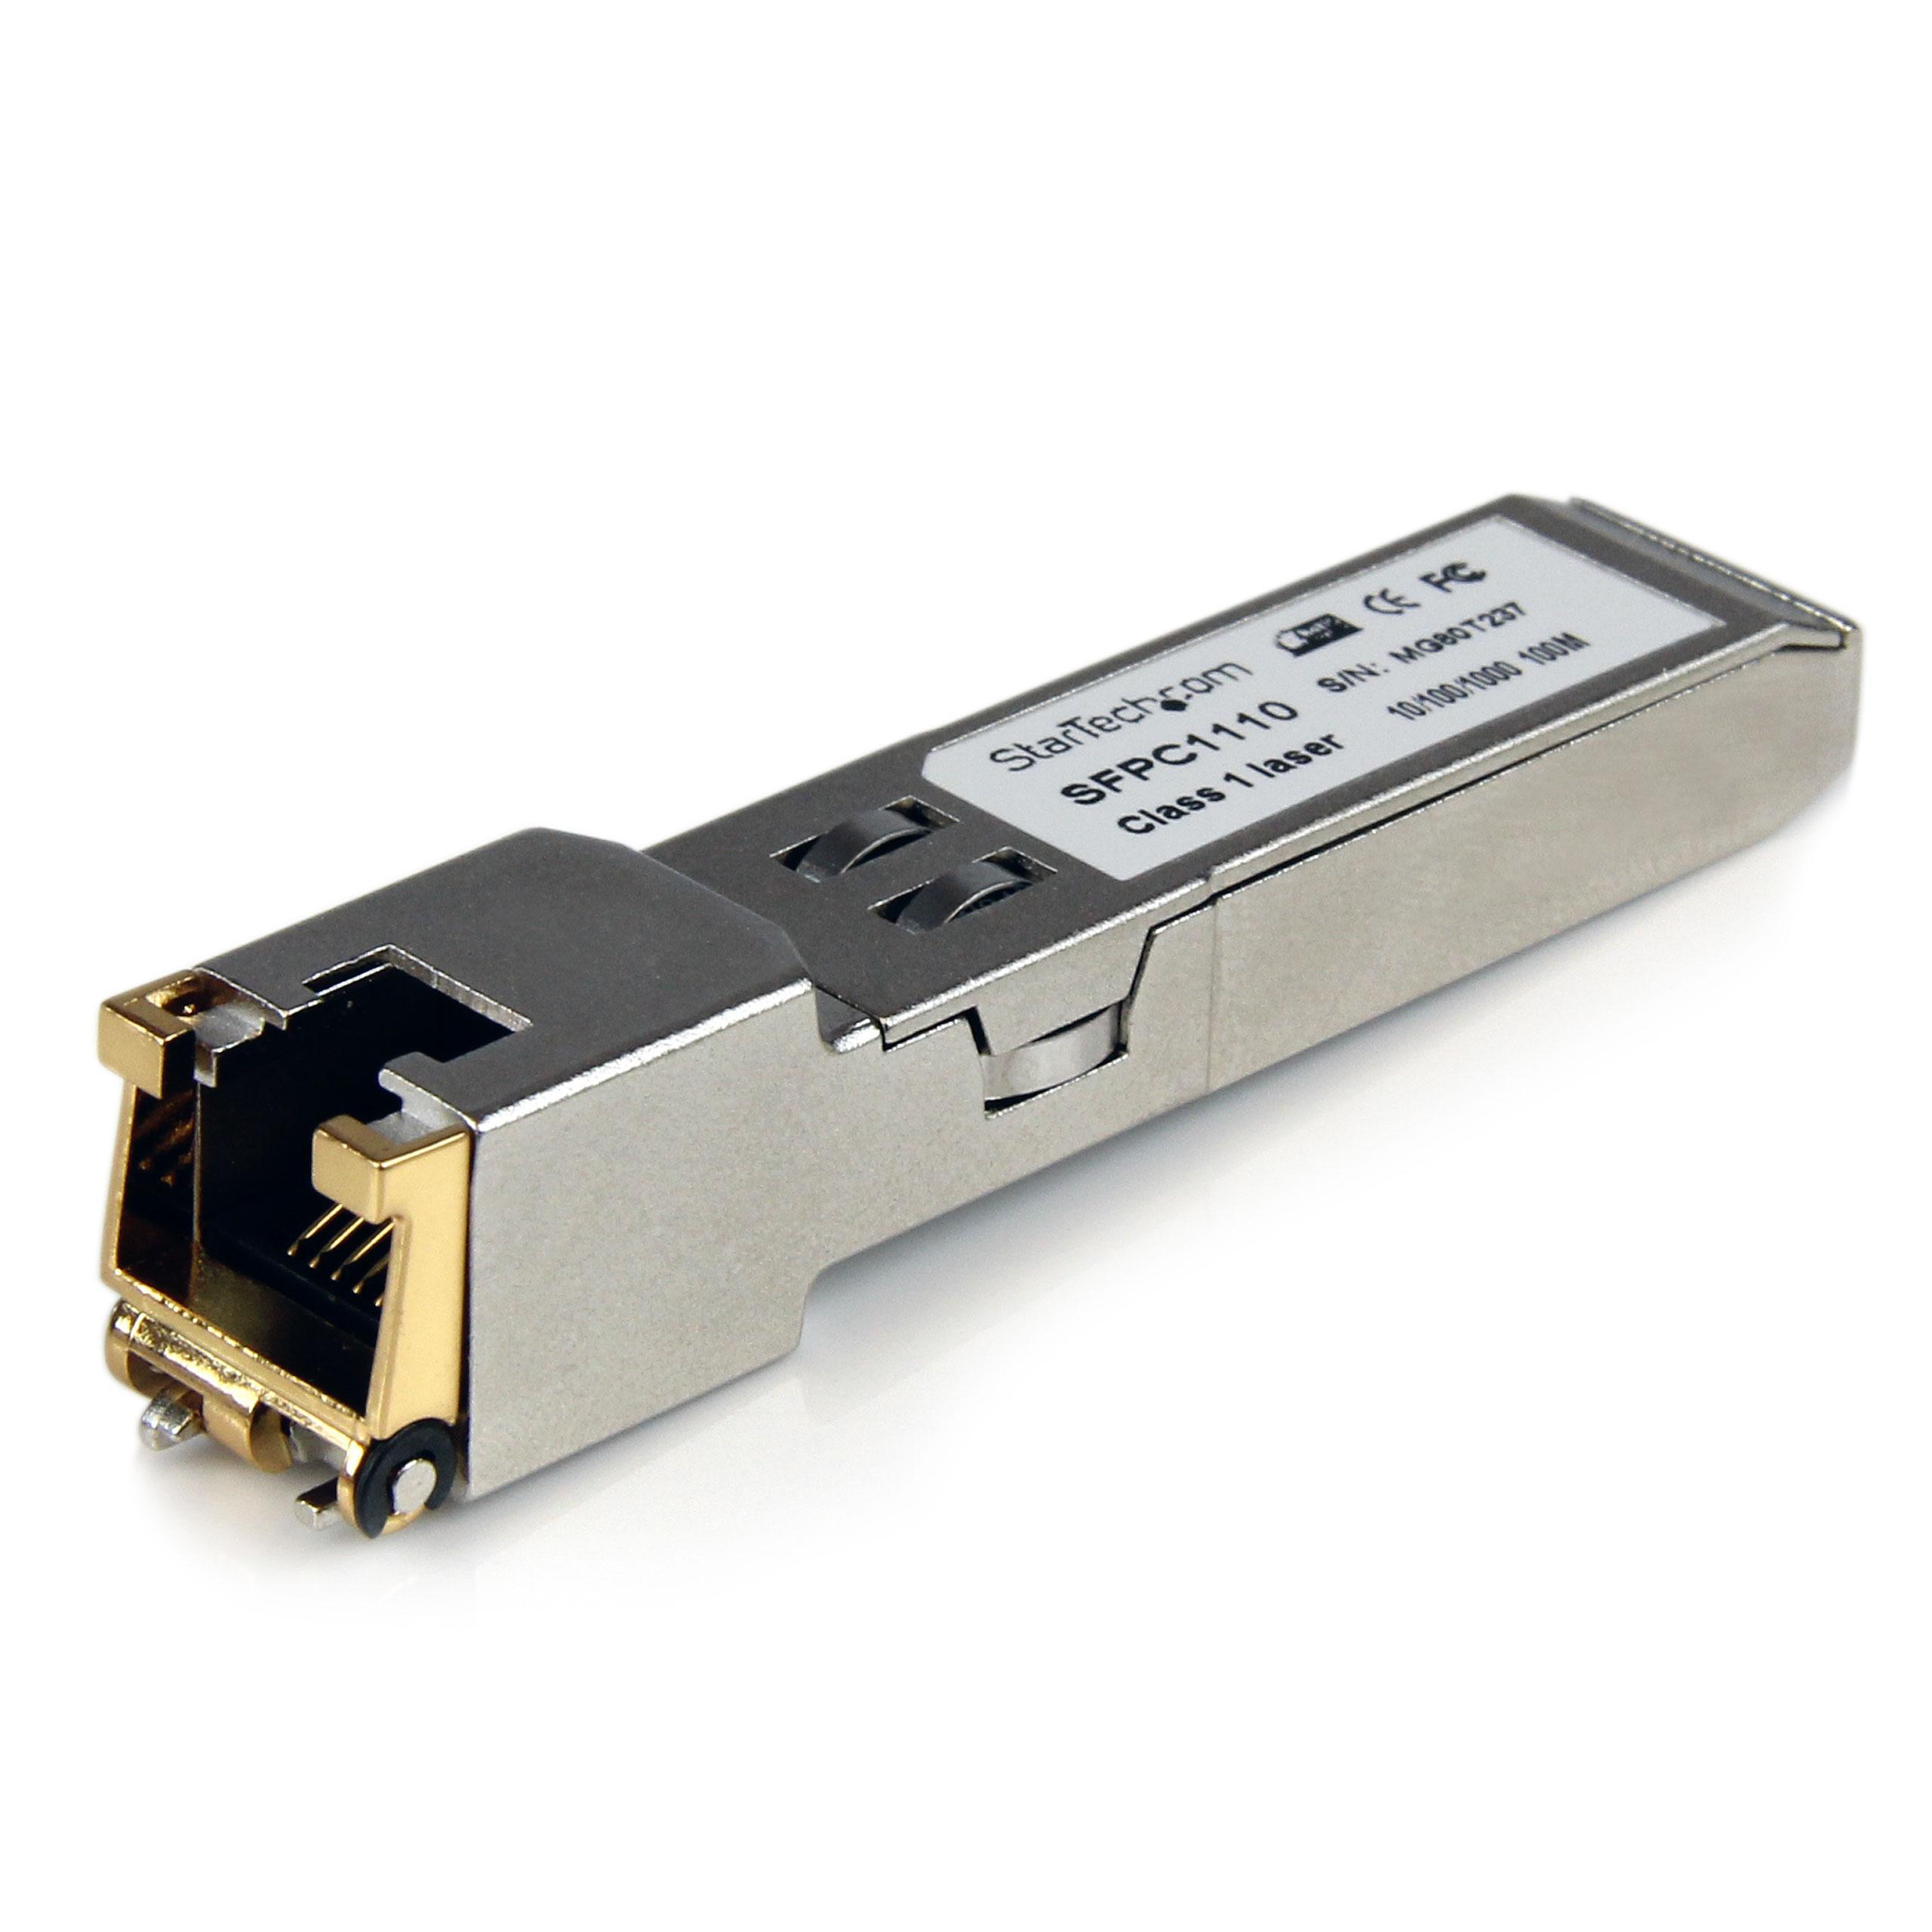 StarTech com Cisco SFP-GE-T Compatible SFP Module, 1000BASE-T RJ45 Copper  Transceiver, SFPC1110